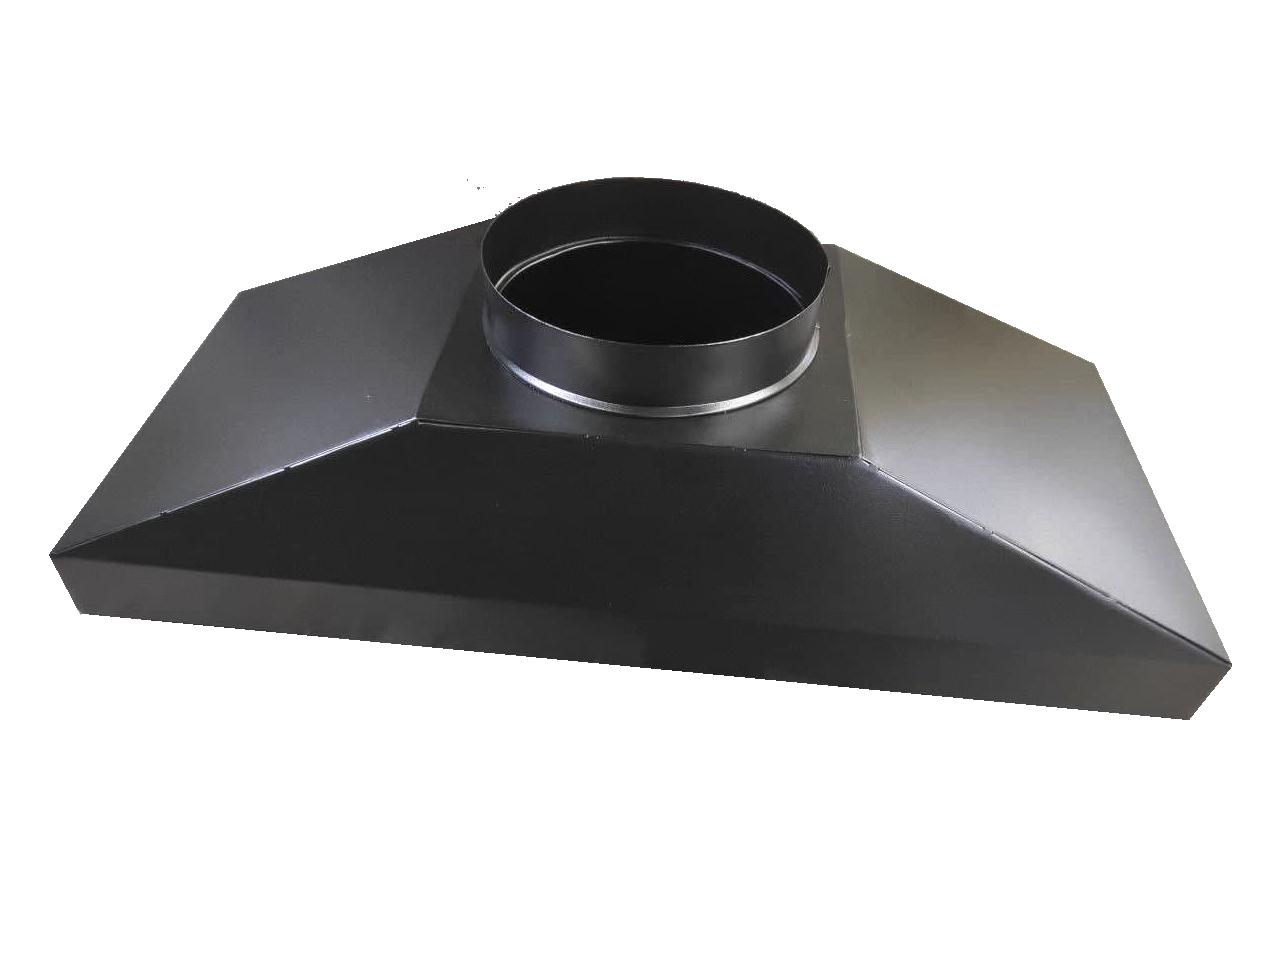 Зонт вытяжной для Большого BigCryptone-12 (размер: 905х340х305) (врезка D200)